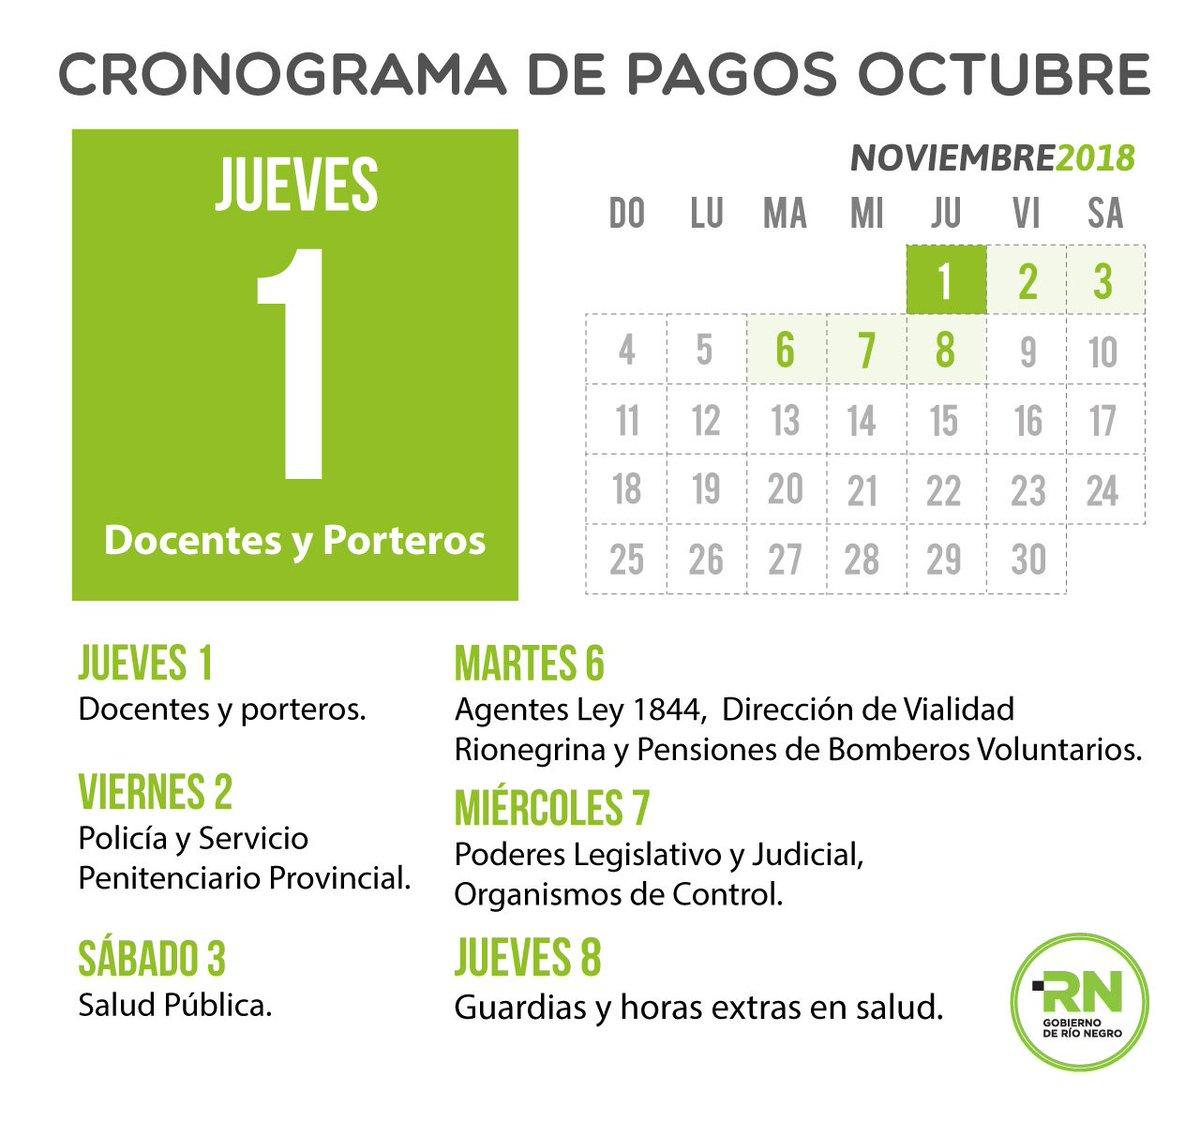 RÍO NEGRO: CRONOGRAMA DE PAGOS OCTUBRE